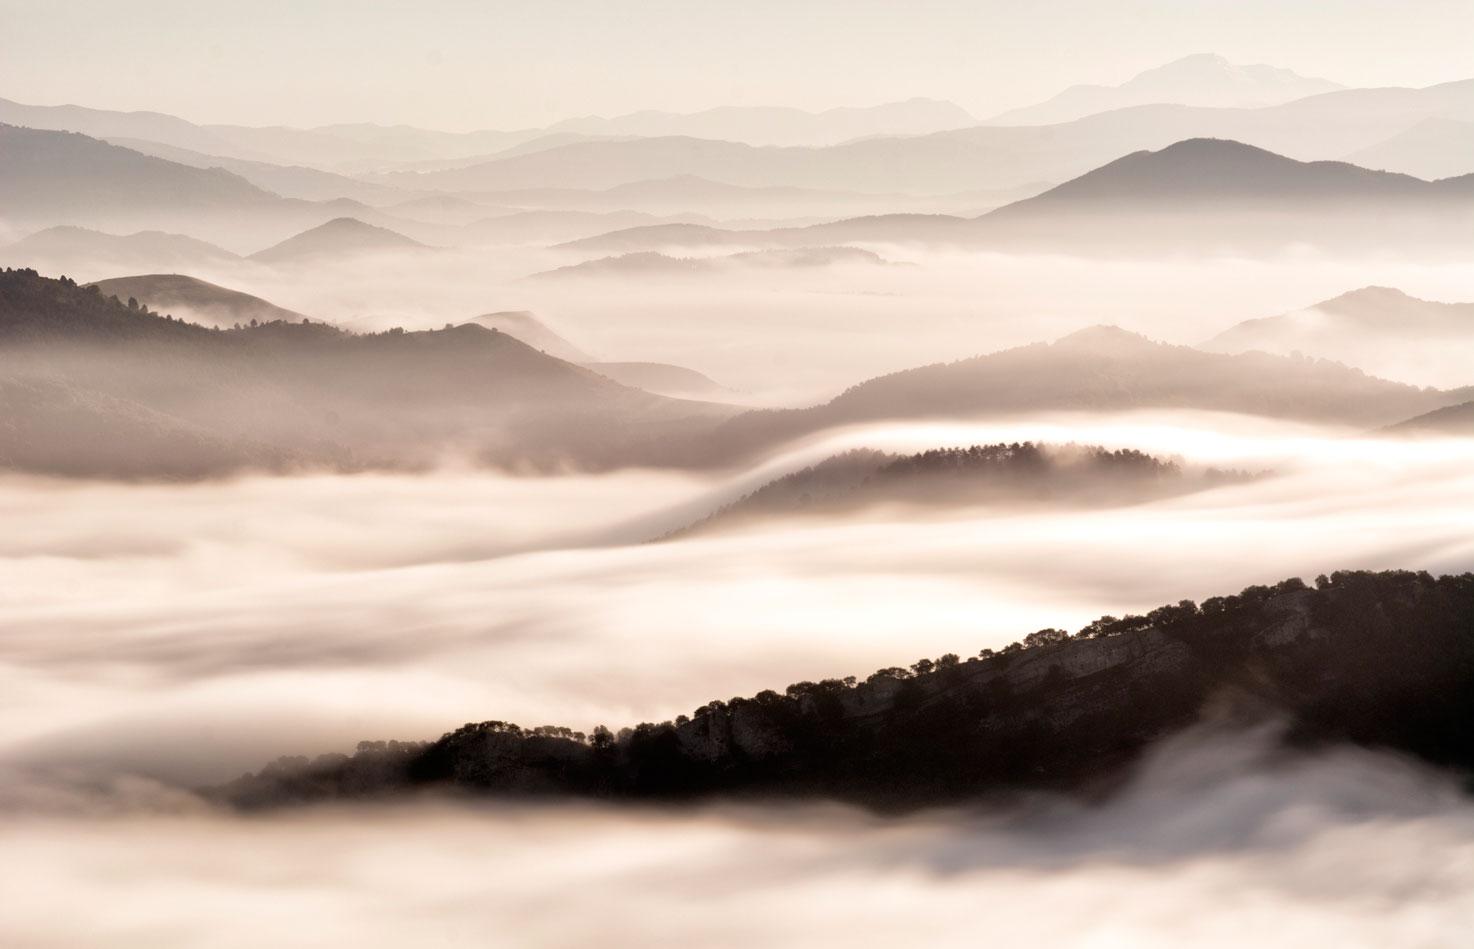 Mar de nubes - Grandes espacios - Fotografia Larrea. Paisajes y grandes espacios